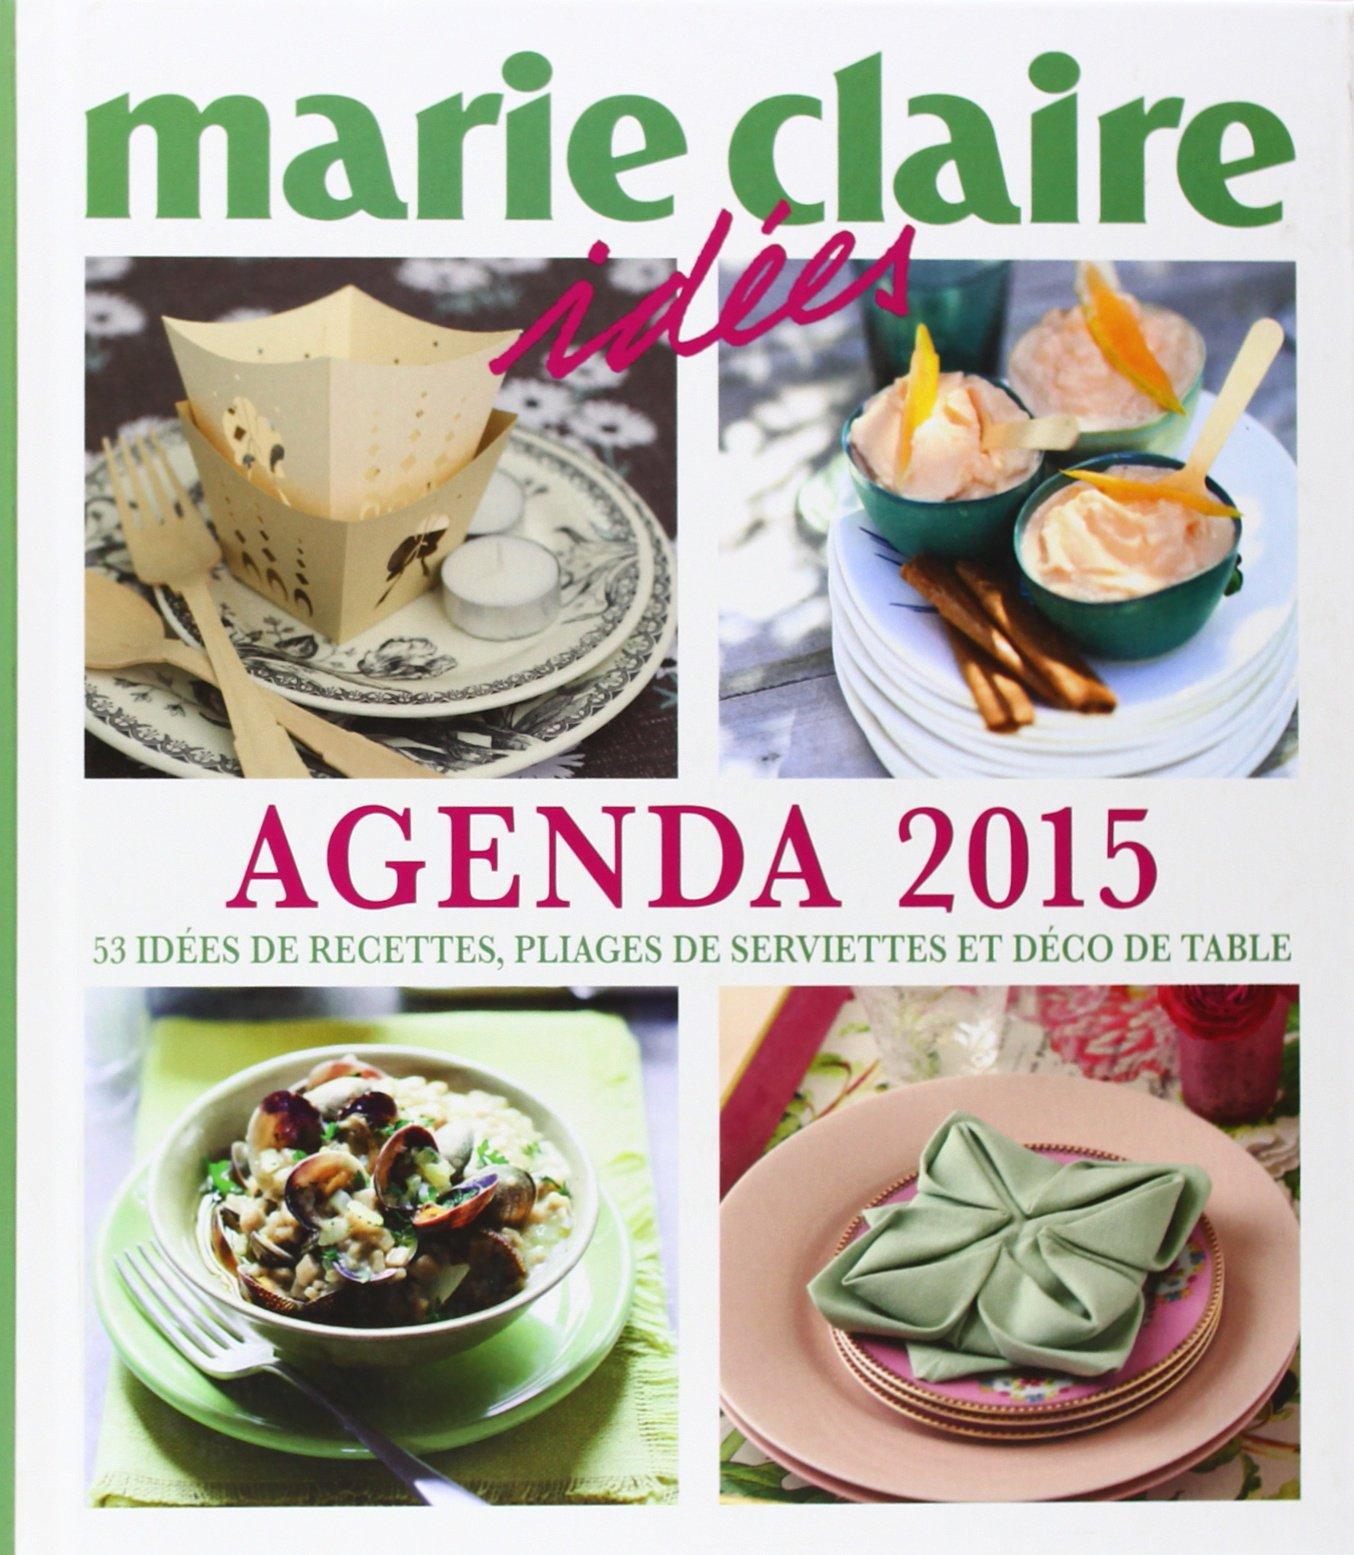 Agenda 15 : 15 idées de recettes, pliages de serviettes & déco